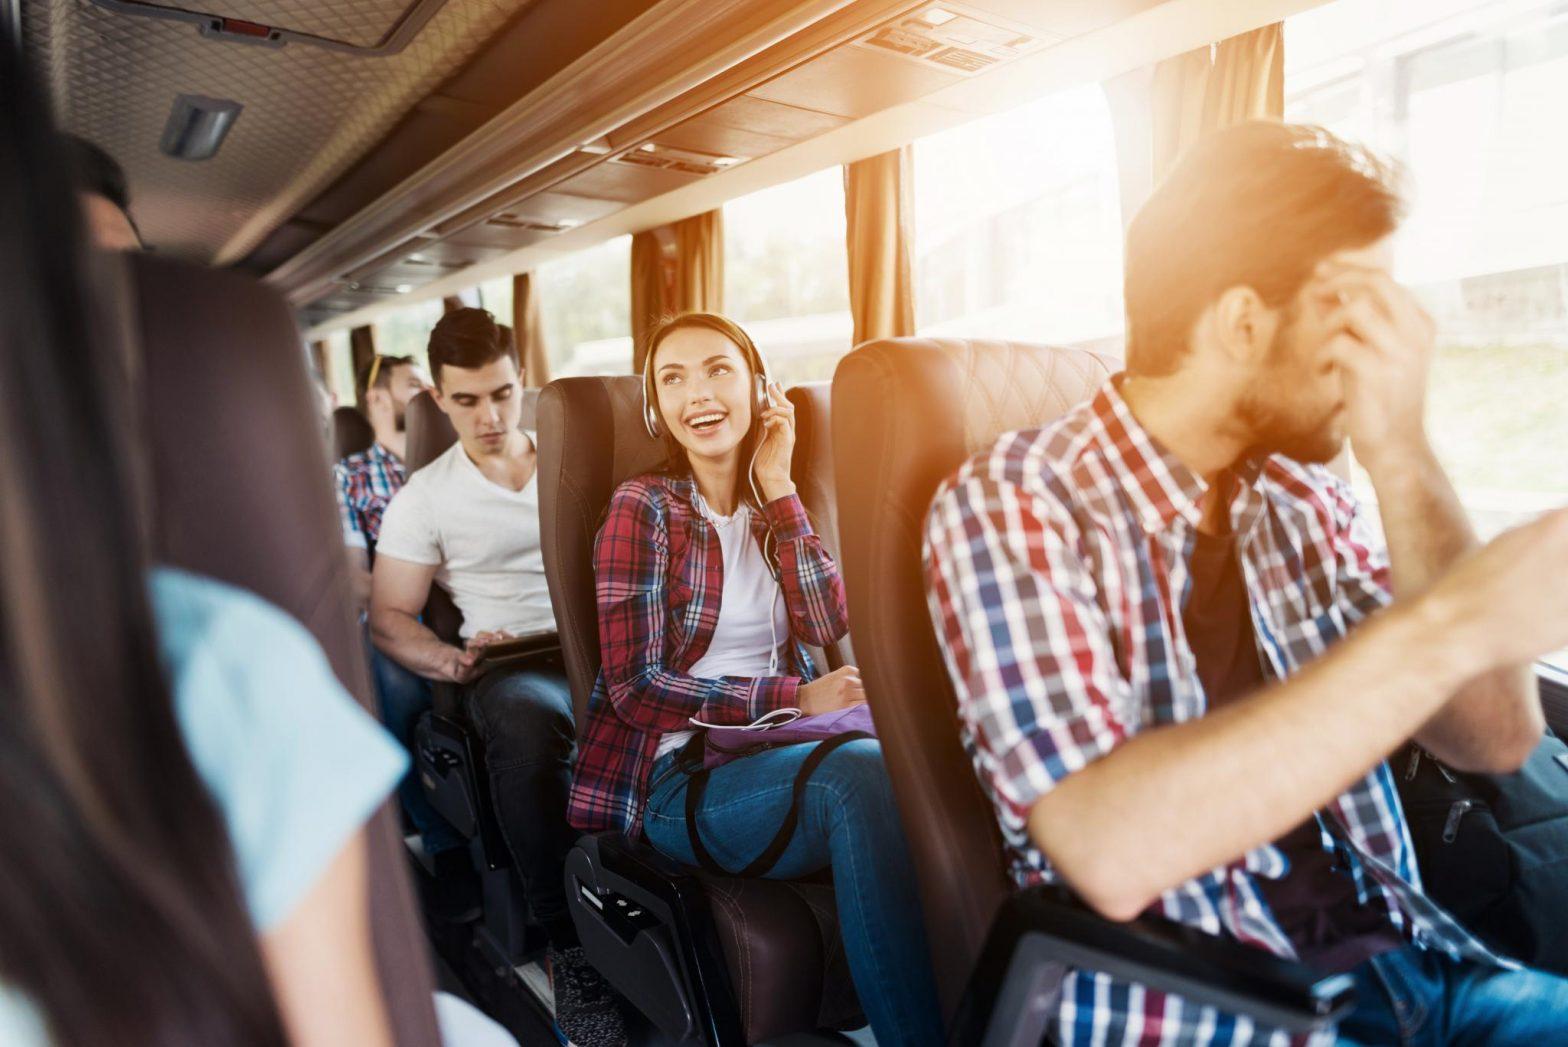 usluge upoznavanja eugene oregon speed dating događaji u Connecticutu